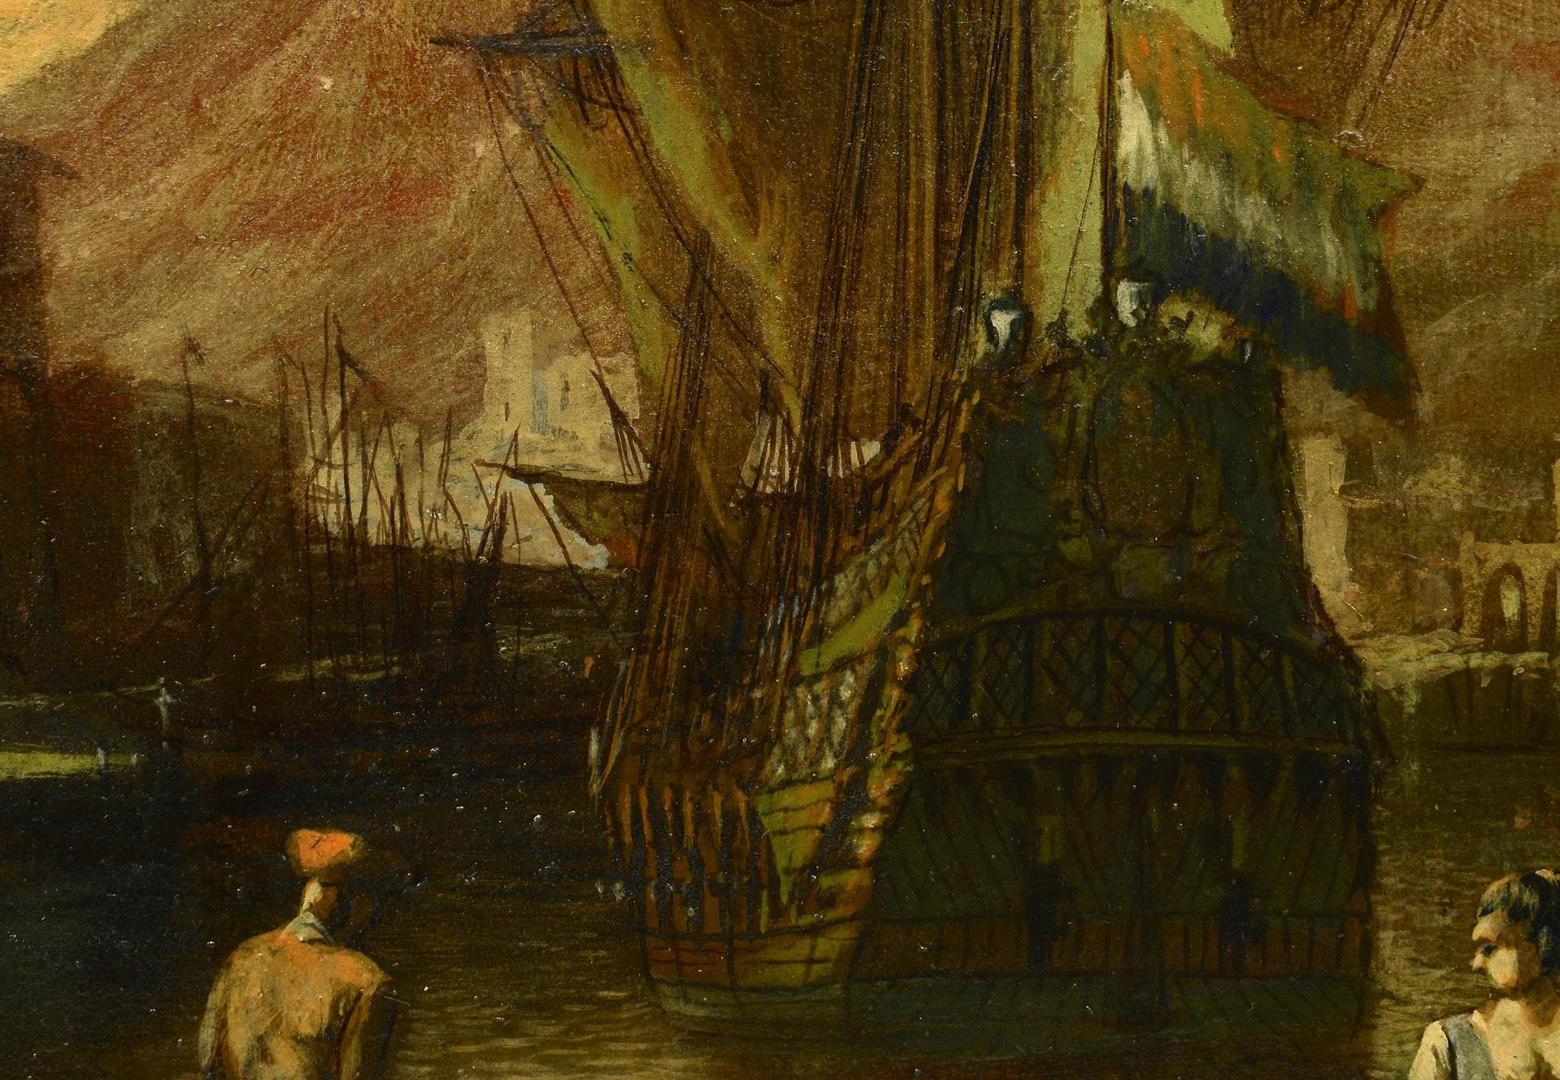 Lot 3594271: Italian School Oil on Canvas Harbor Scene